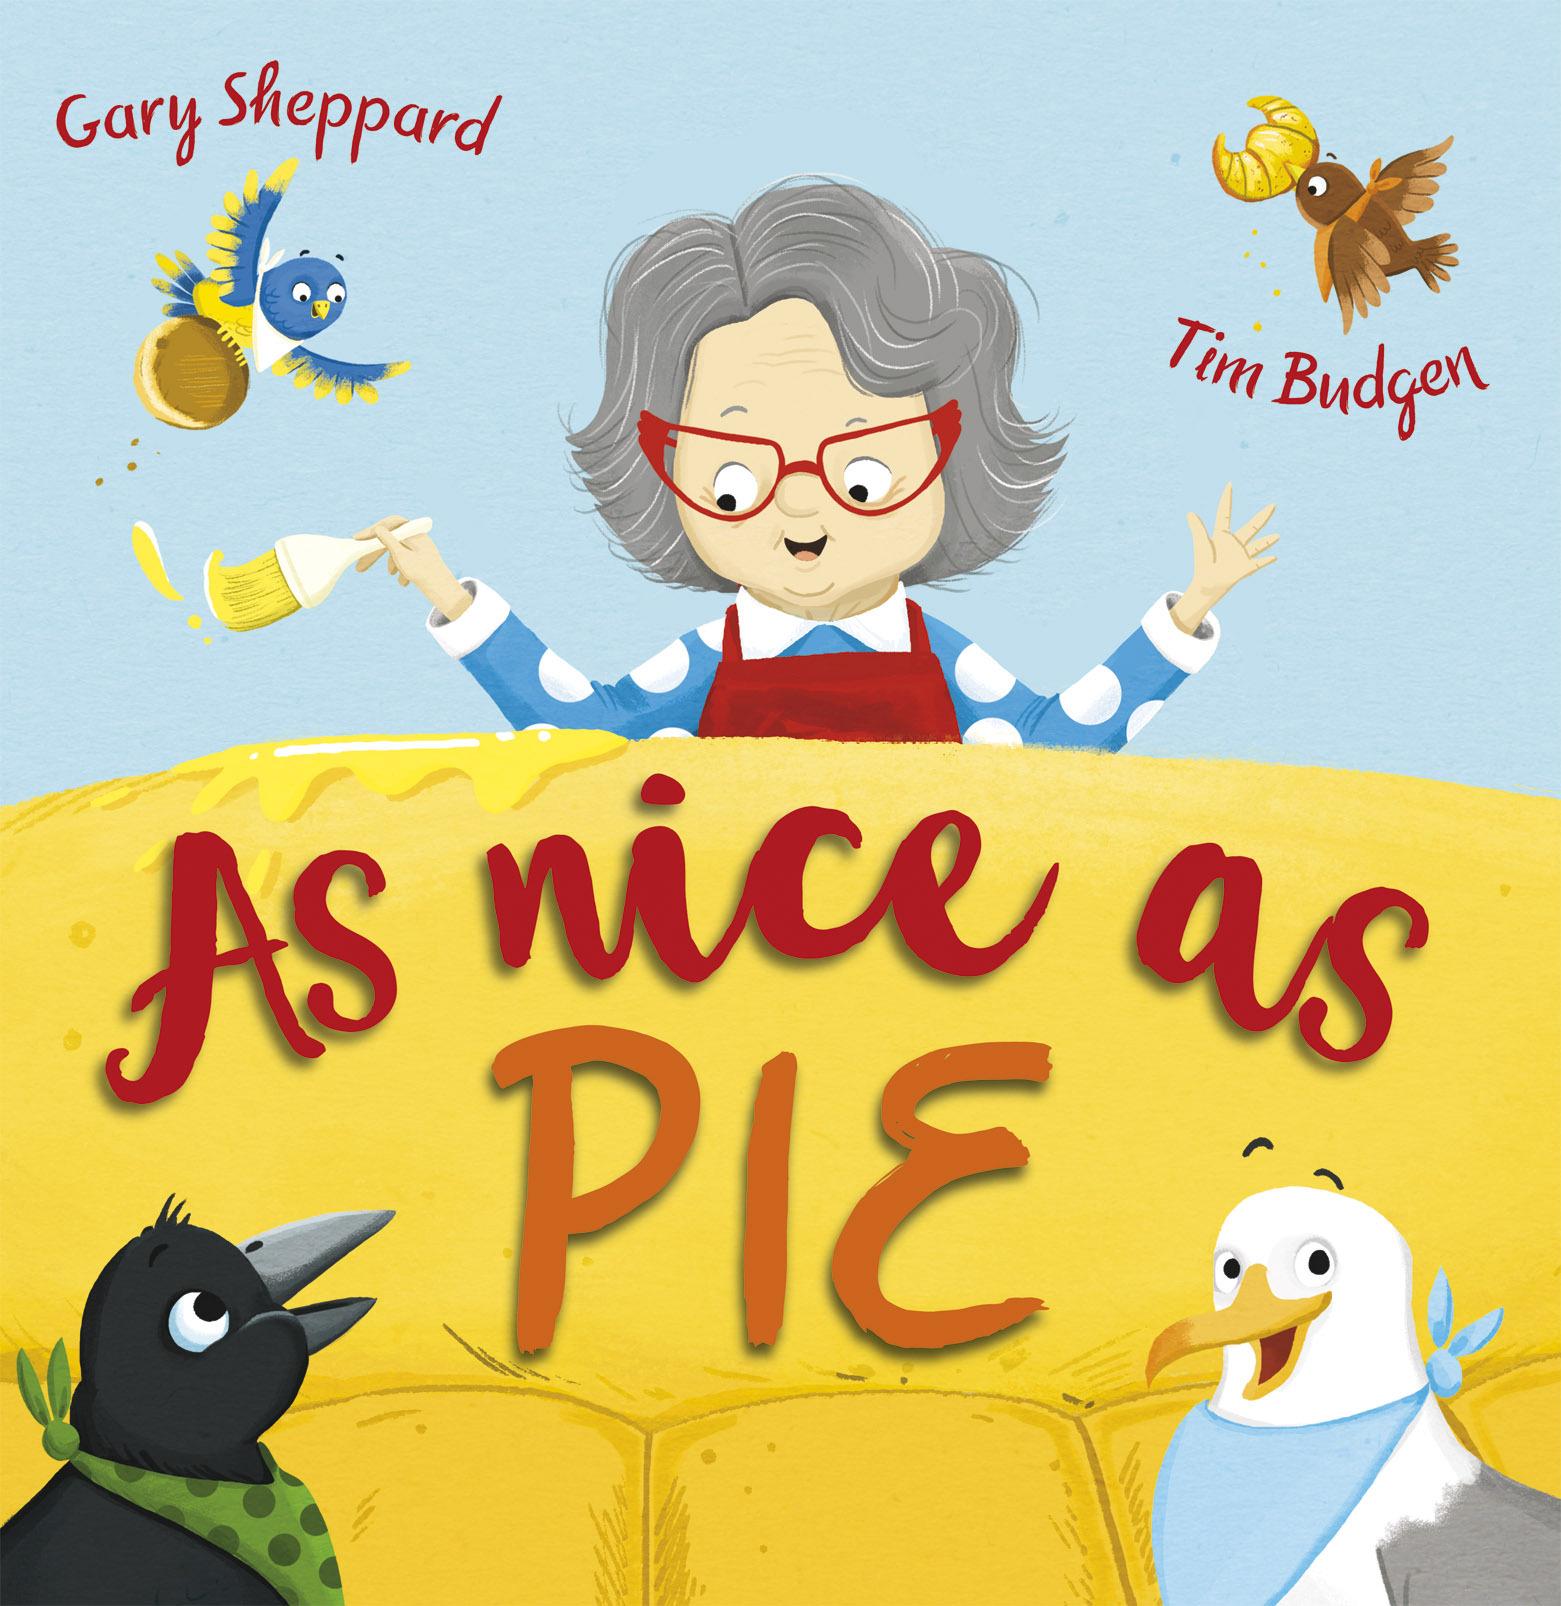 As Nice as Pie Gary Sheppard